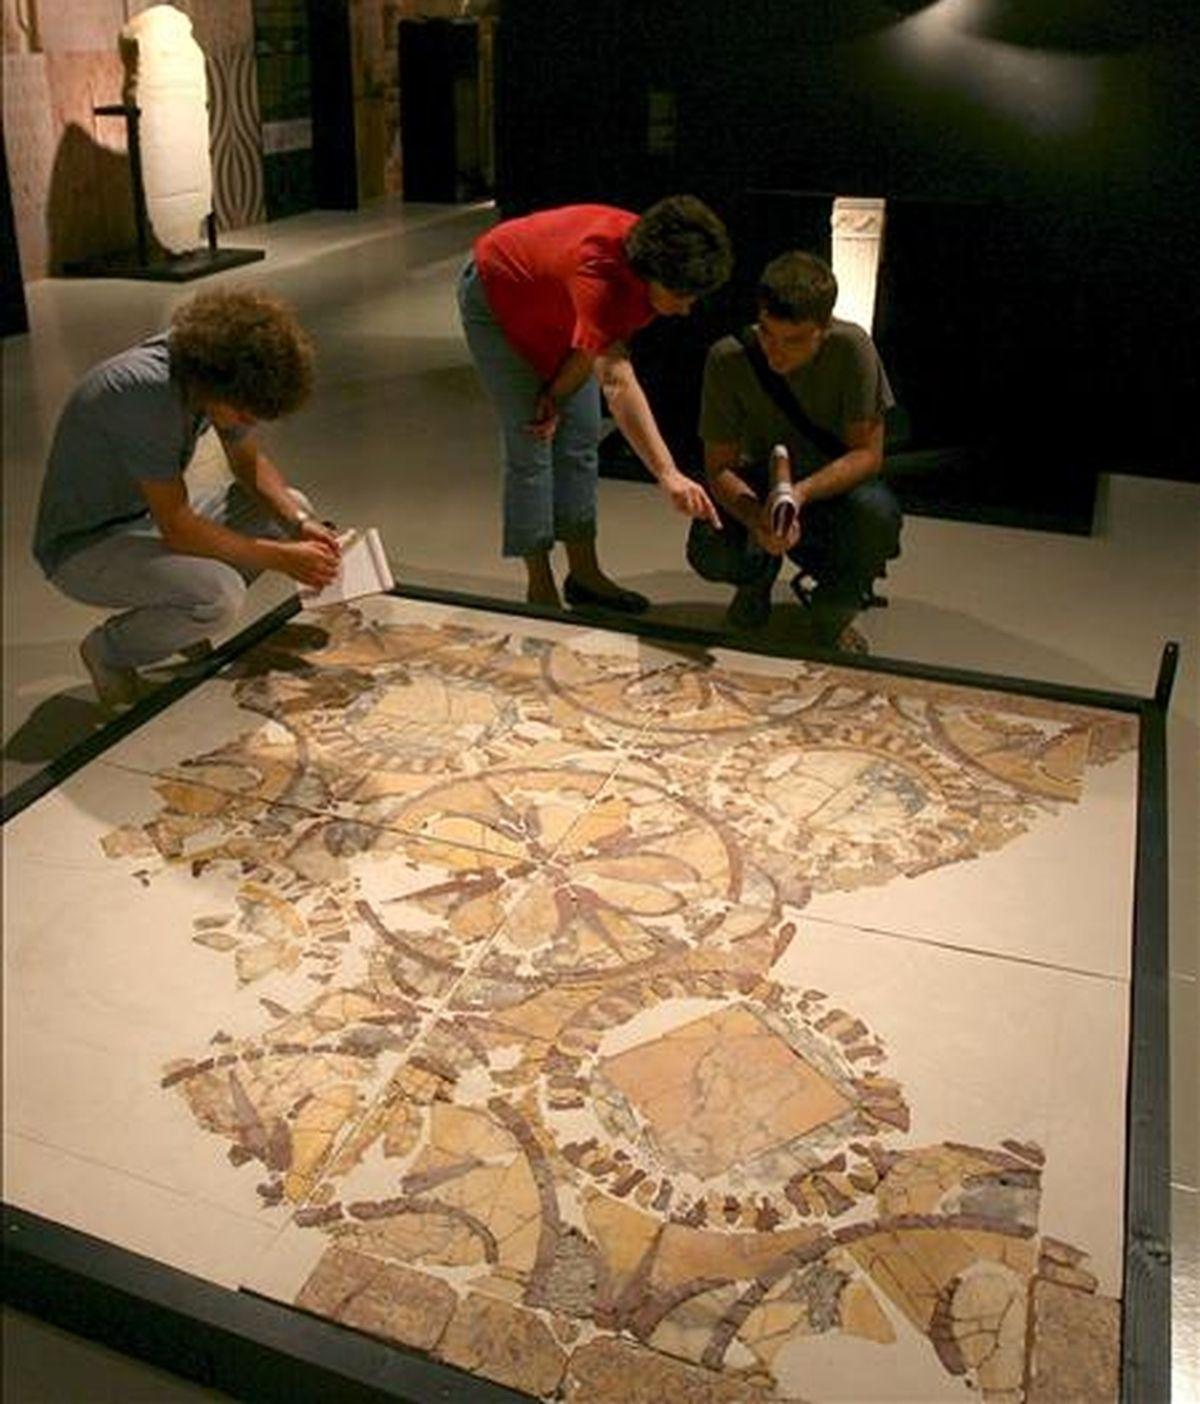 """Varios fragmentos de un mosaico expuestos en la muestra """"Tarraco Pedra a Pedra"""", cuyo eje es el uso de la piedra como elemento de construcción y que está abierta al público desde mañana y hasta el 22 de noviembre en el Museo Nacional Arqueologico de Tarragona. EFE"""